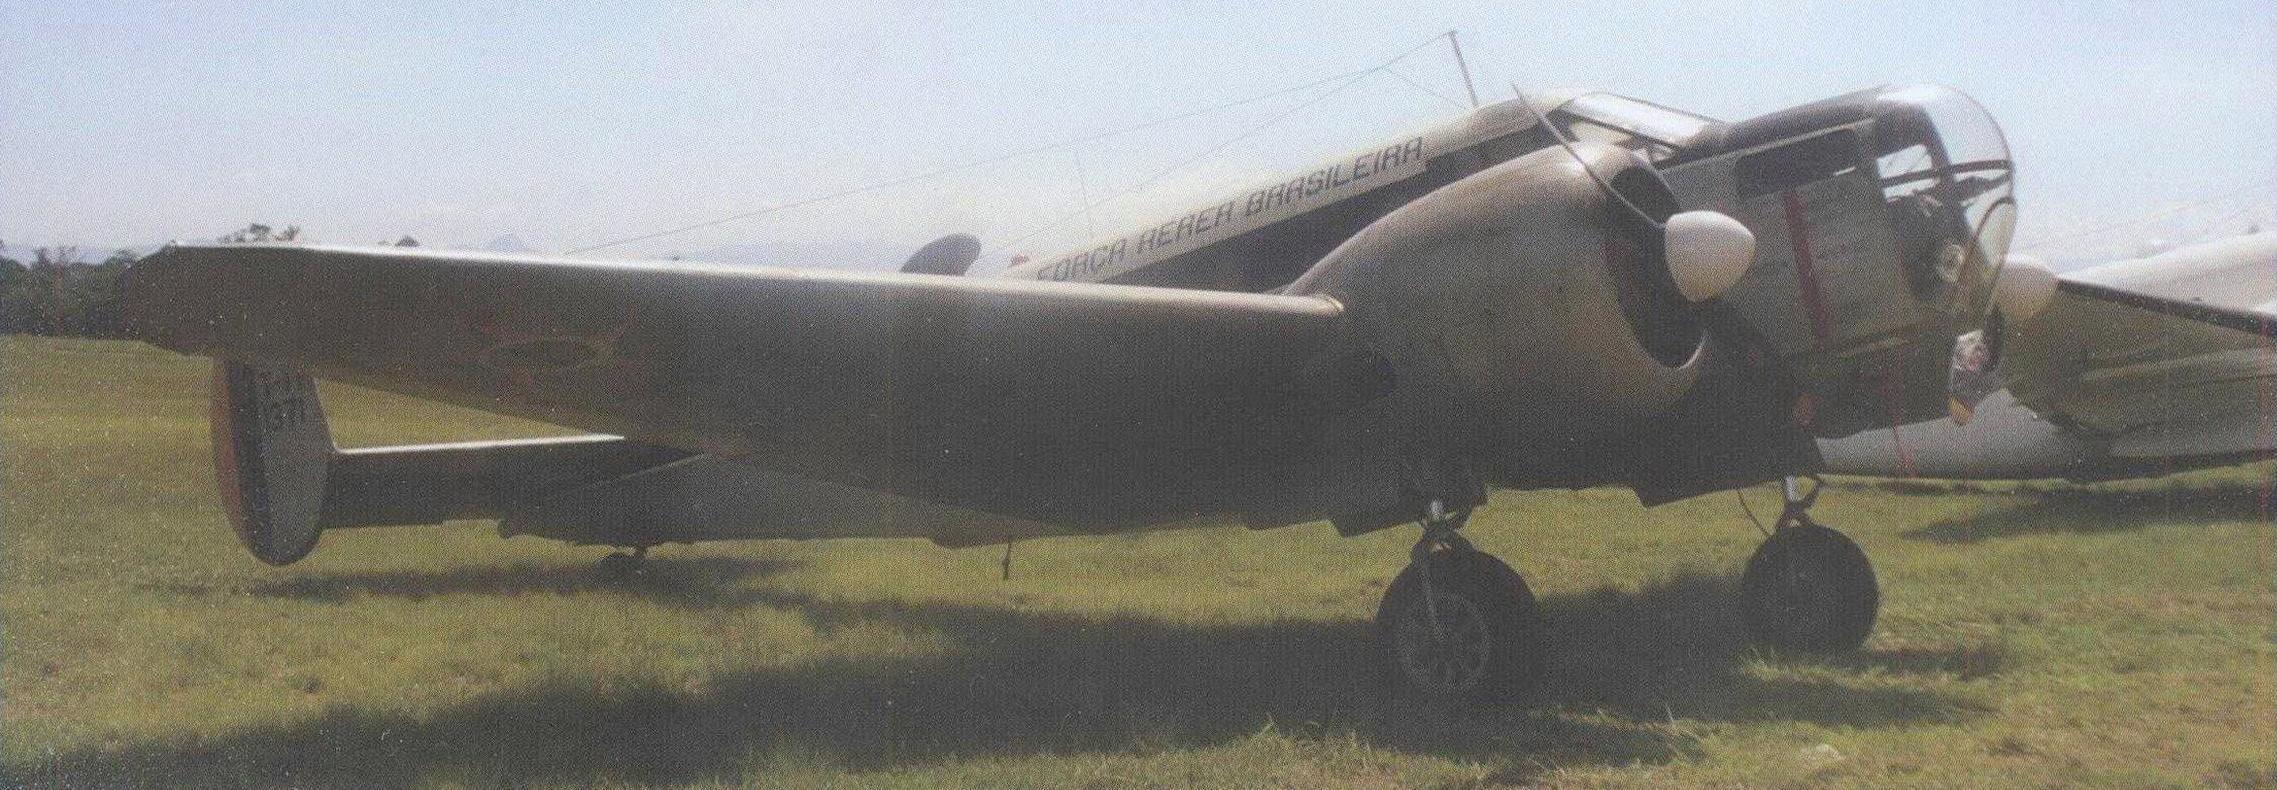 Учебный самолет Бичкрафт АТ-11